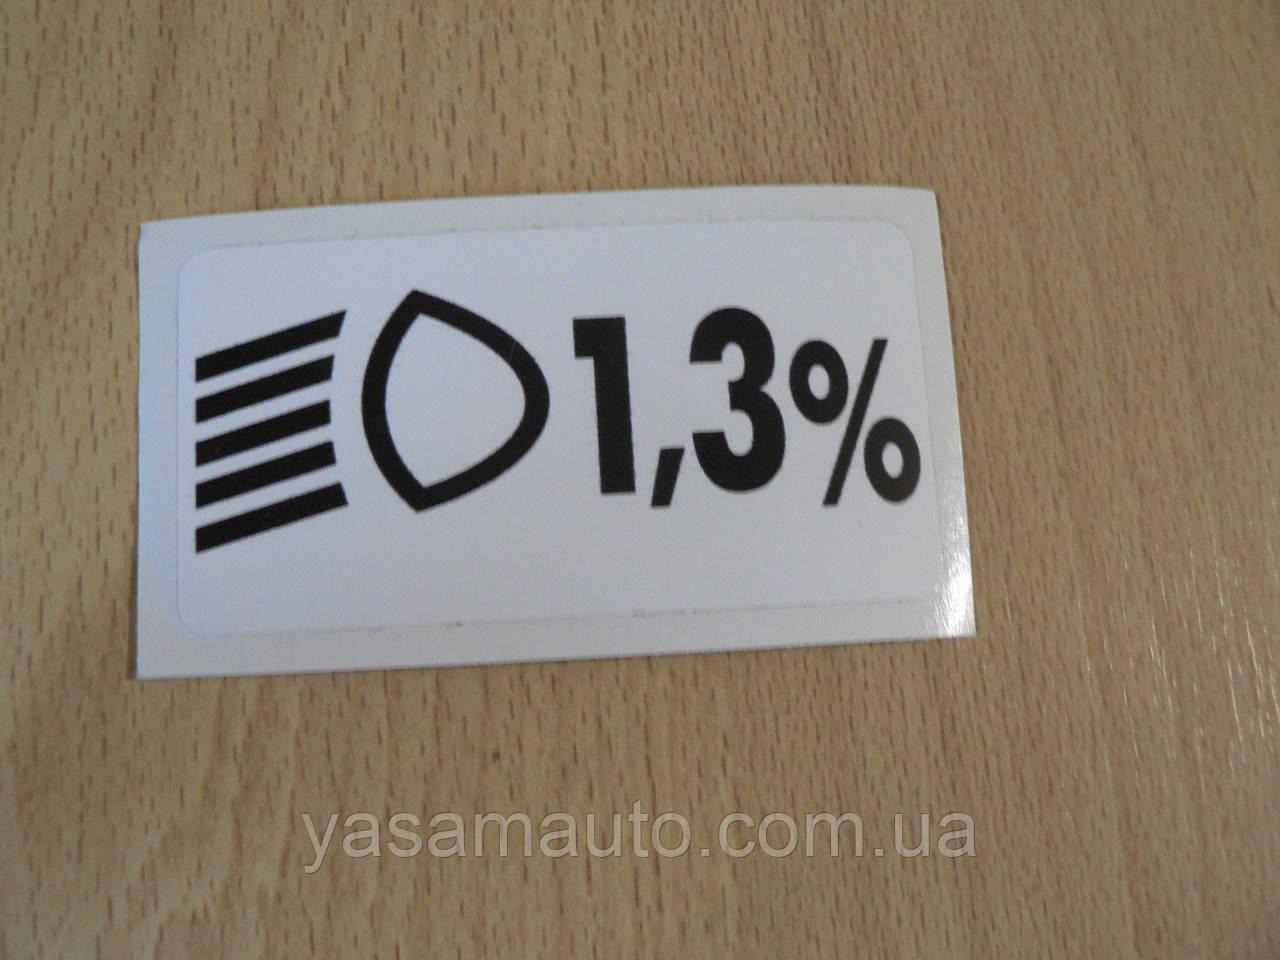 Наклейка п4 подкапотные ВАЗ 2108 белая регулировка фар 1.3%  73х39мм под капот Уценка Дойче Лада Lada